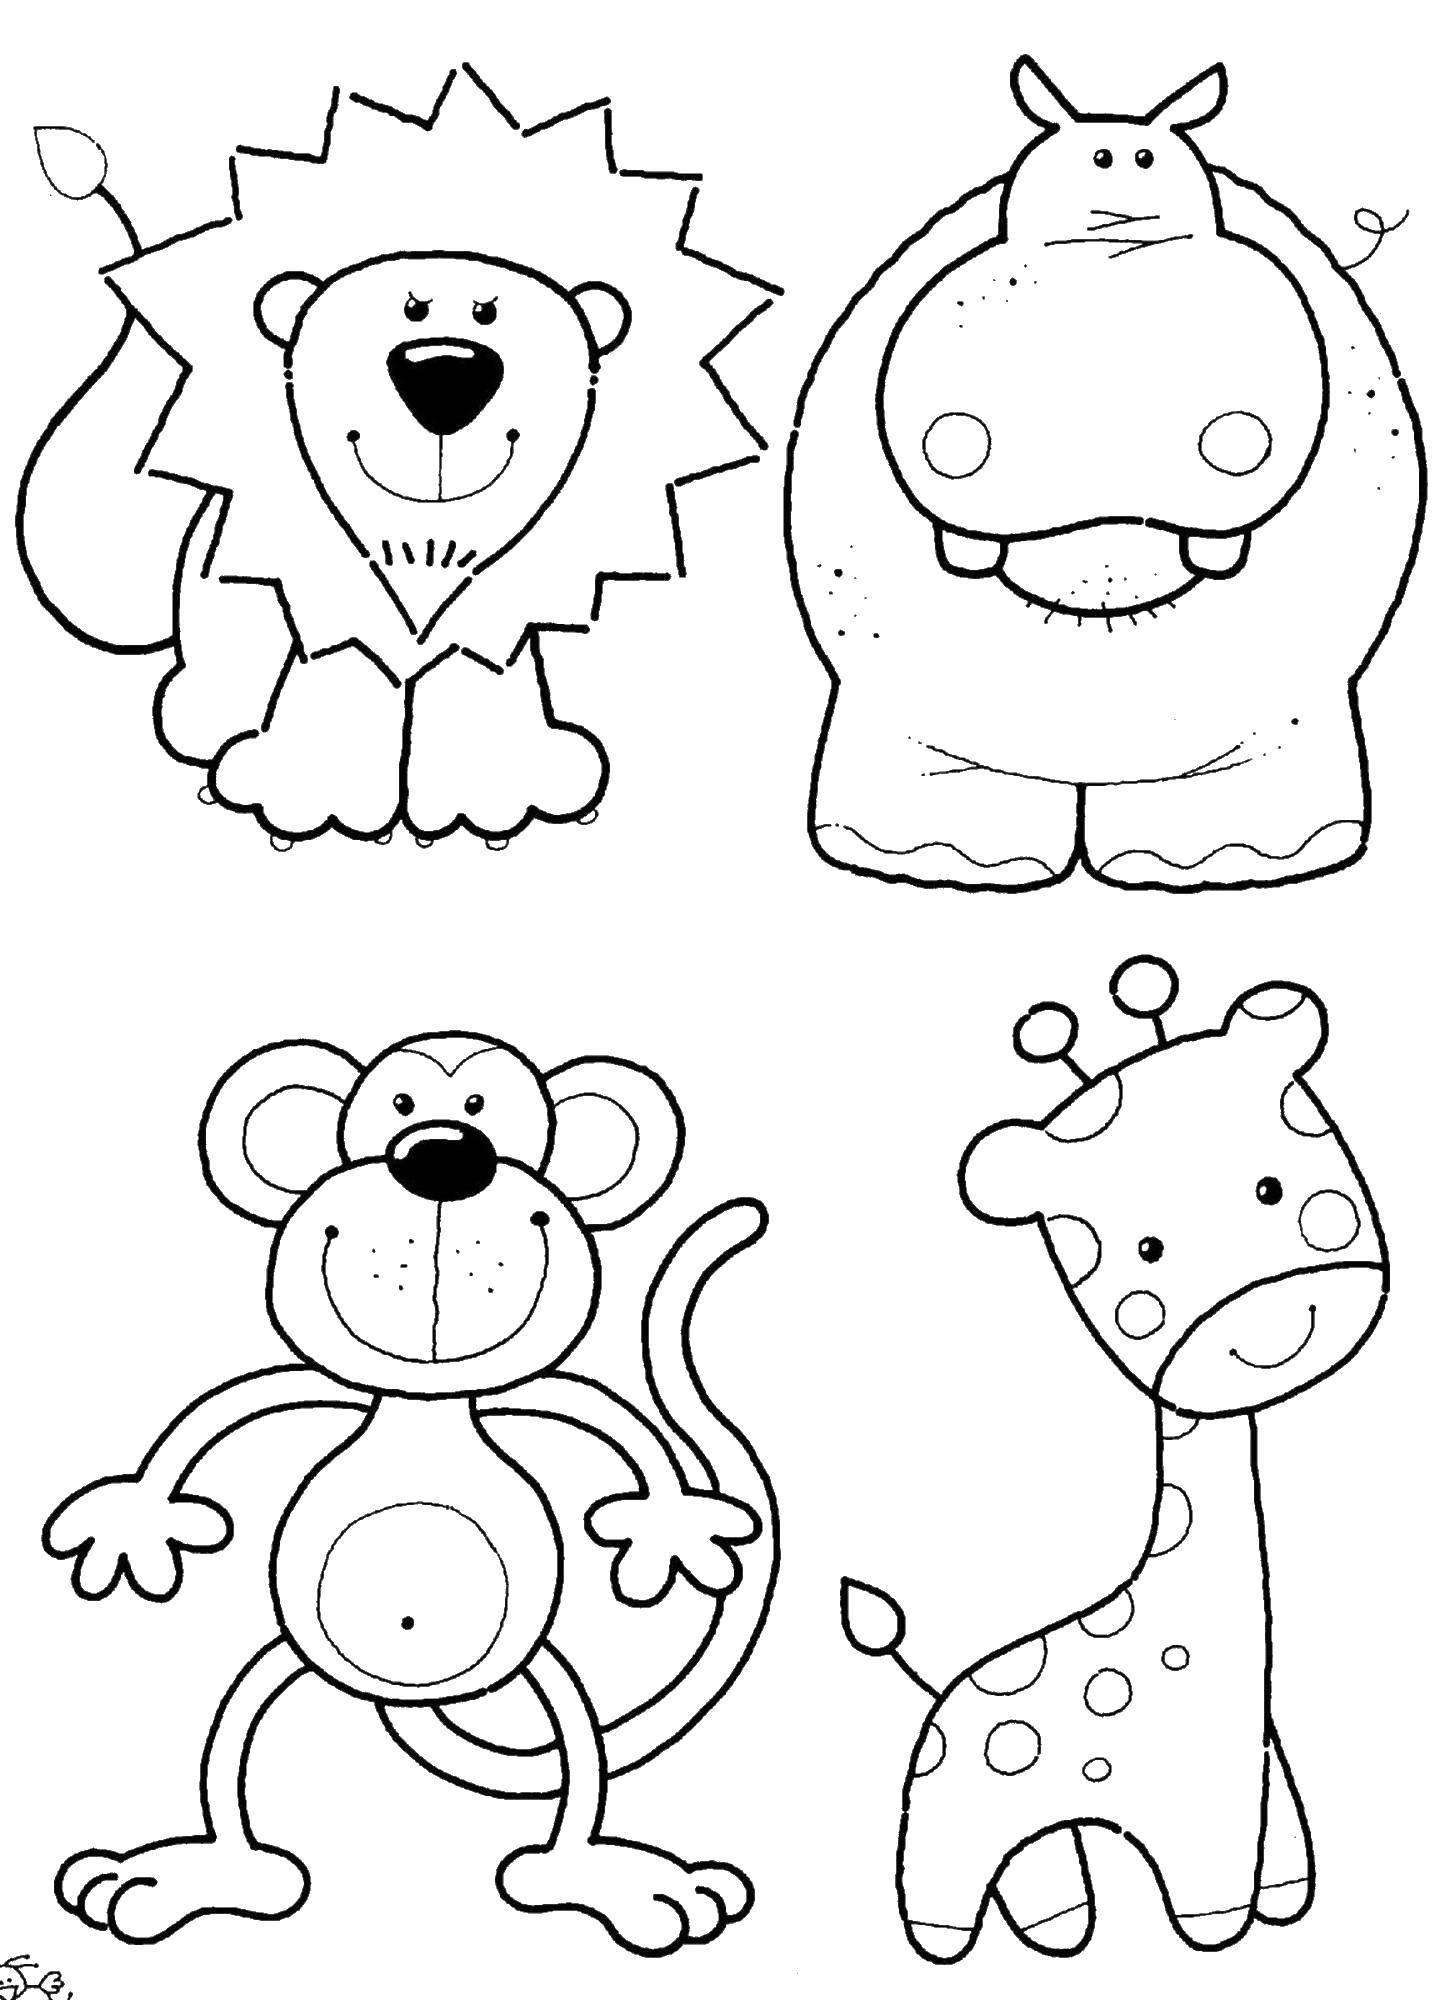 Раскраска Раскраски для малышей Скачать ,Спорт, баскетбол, мяч, игра,.  Распечатать